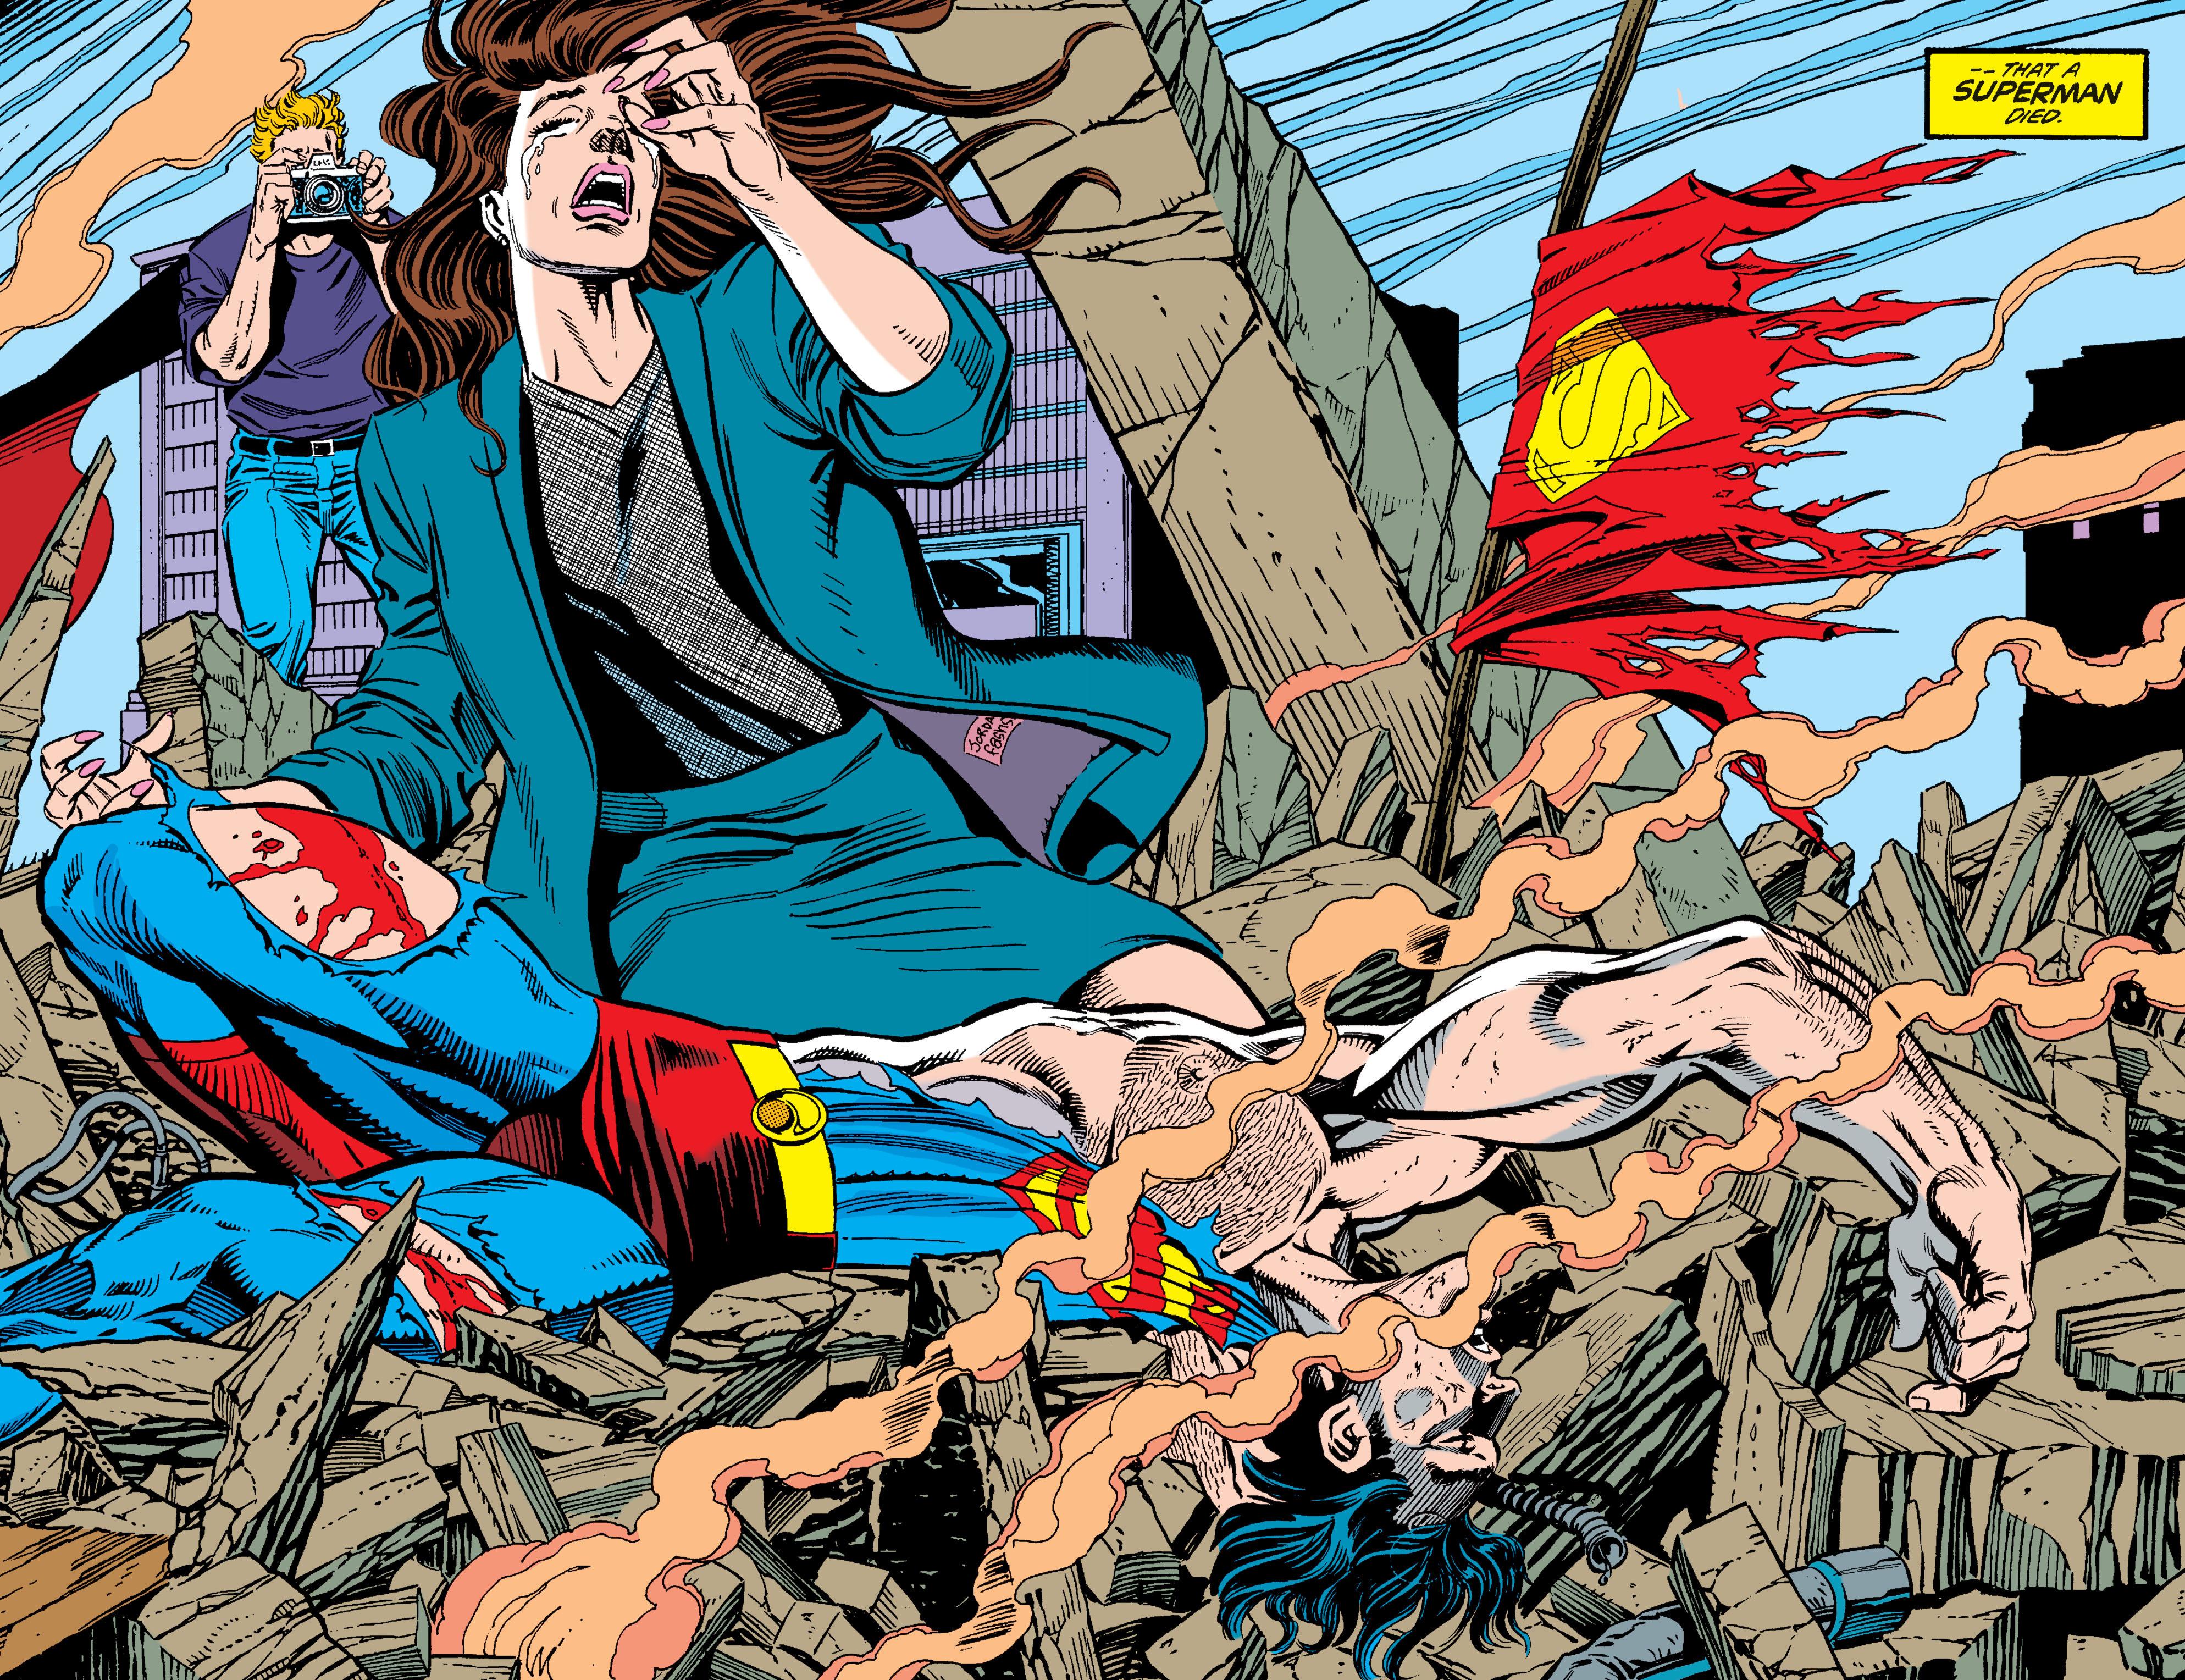 《超人之死》和即将要出的《超人王朝》都是改编于当年的经典漫画